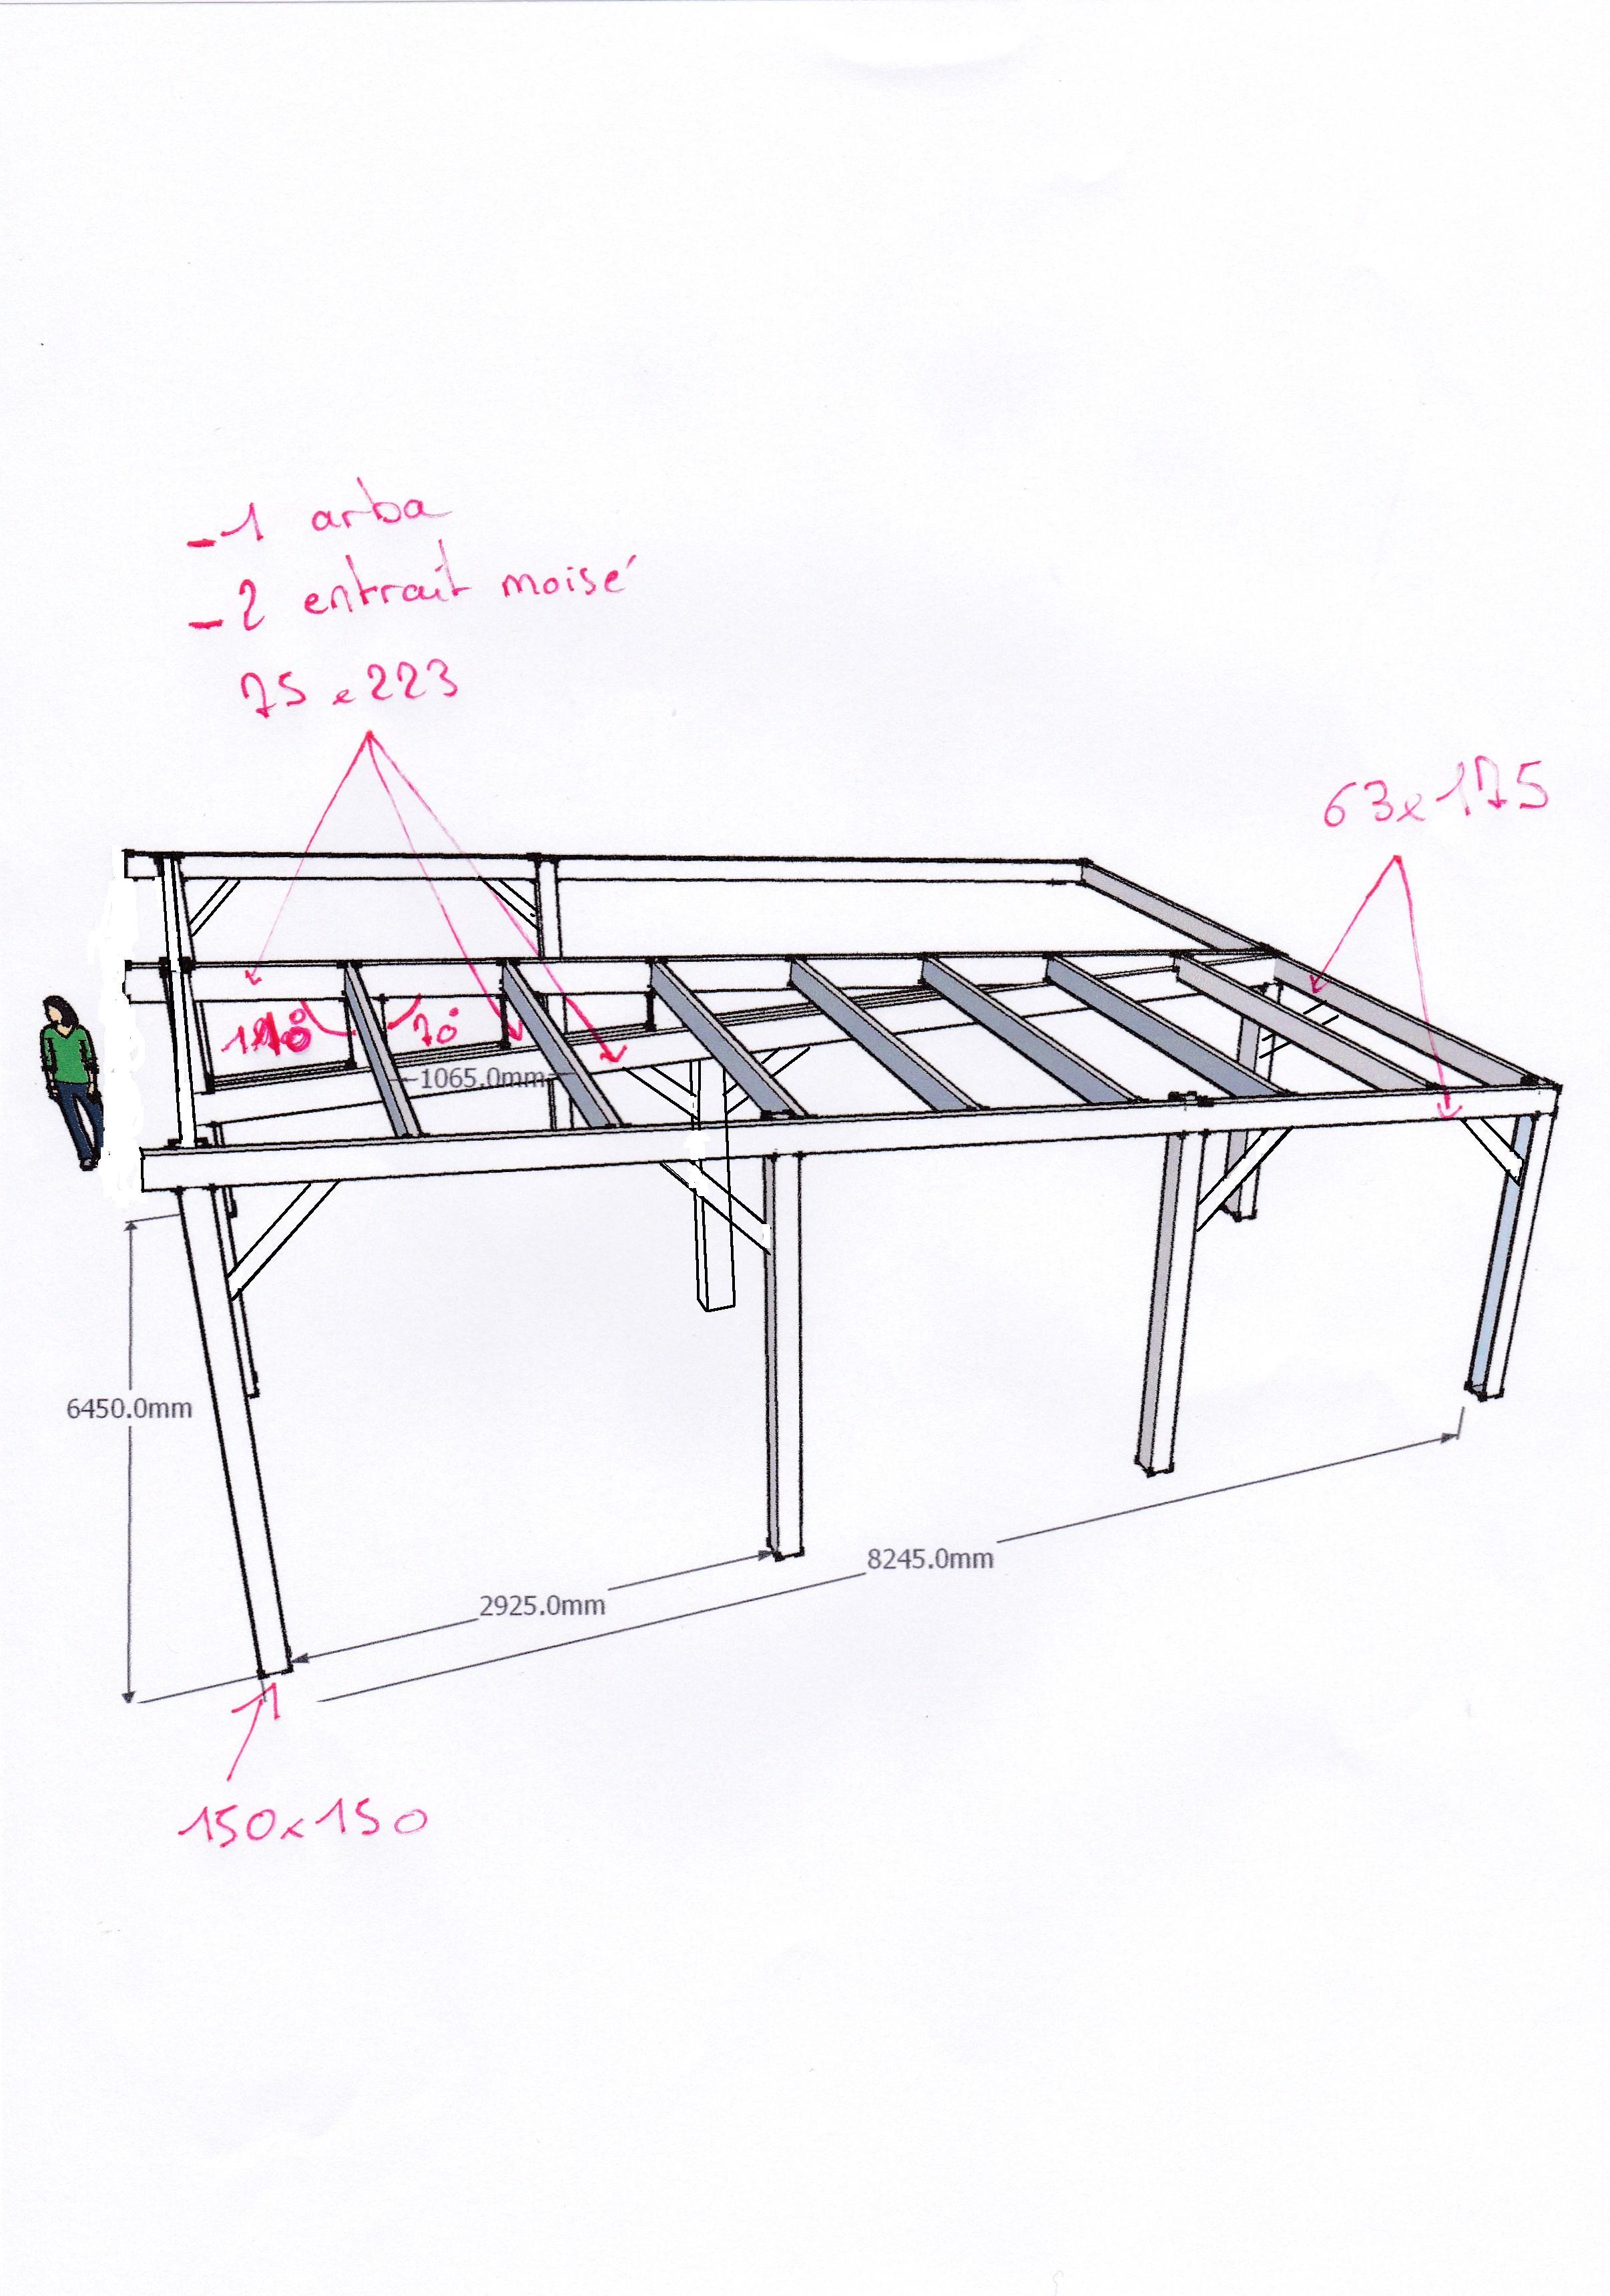 aide dimension charpente pour abri voiture 43 messages. Black Bedroom Furniture Sets. Home Design Ideas